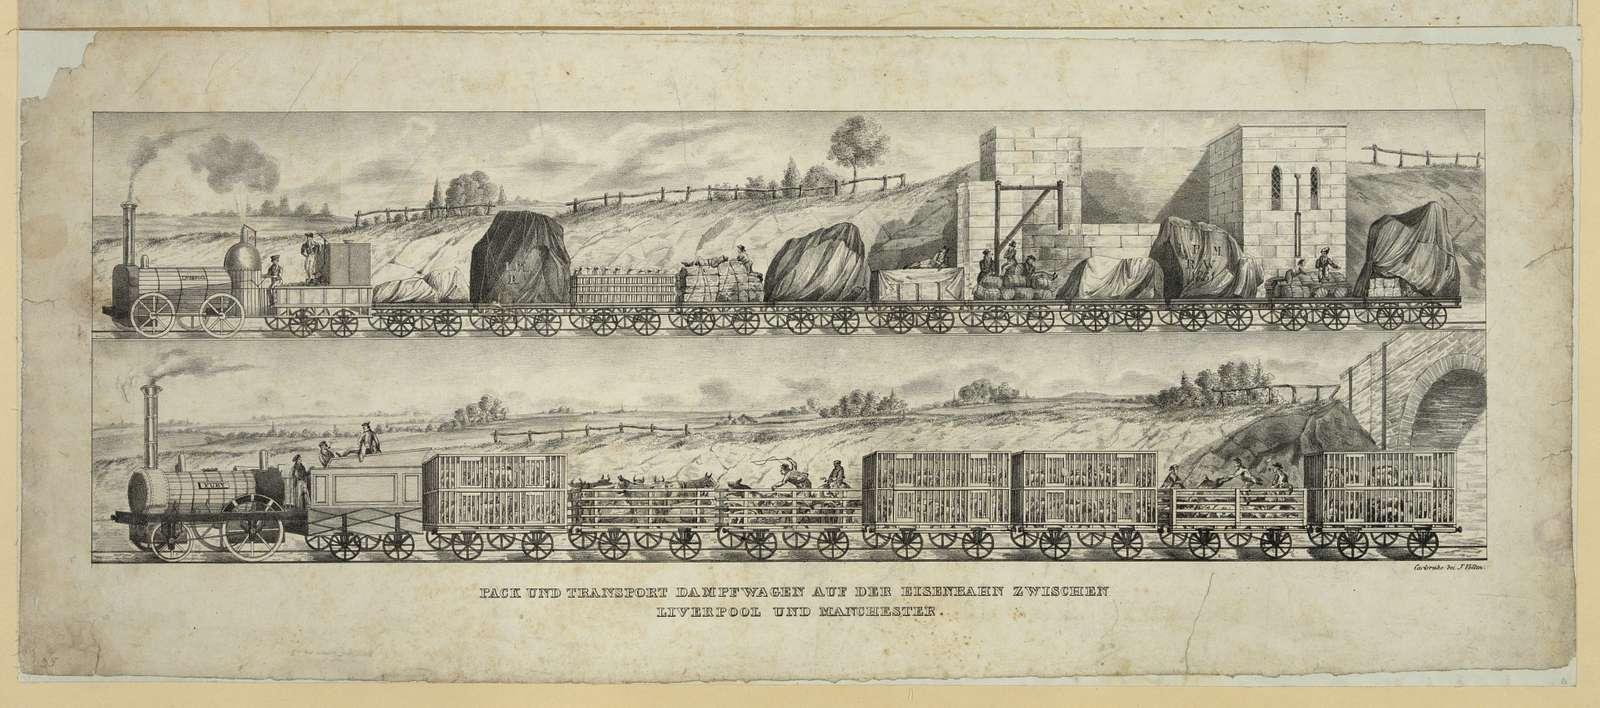 Pack und transport dampfwagen auf der eisenbahn zwischen Liverpool und Manchester / Carlsruhe bei J. Velten.